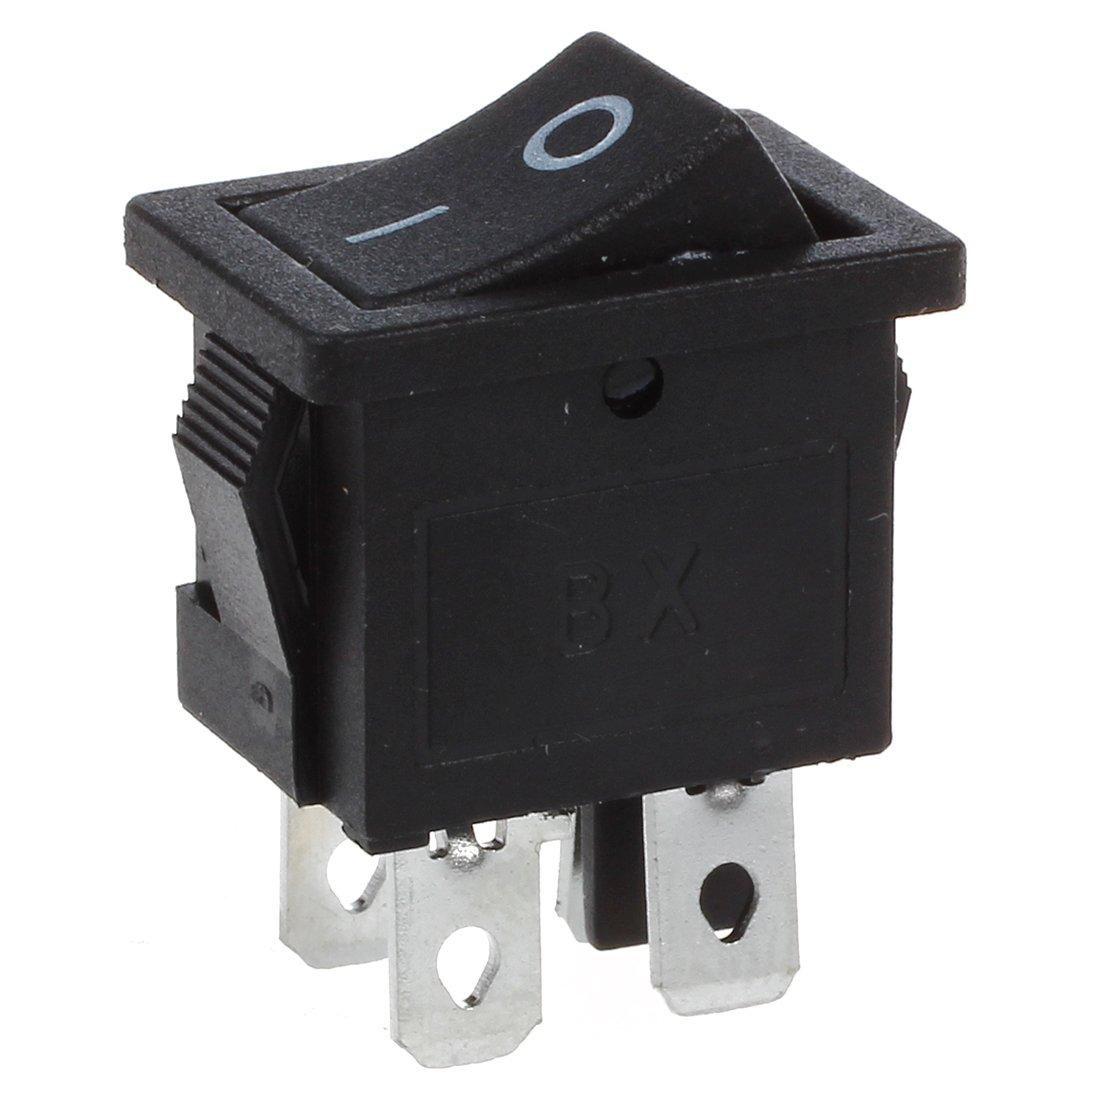 Interruptor - TOOGOO(R) 10pzs x 4 Pines Encendido -apagado 2 posiciones DPST Interruptores basculantes de barco 10A/125V 6A/250V AC SHOMAGT10778